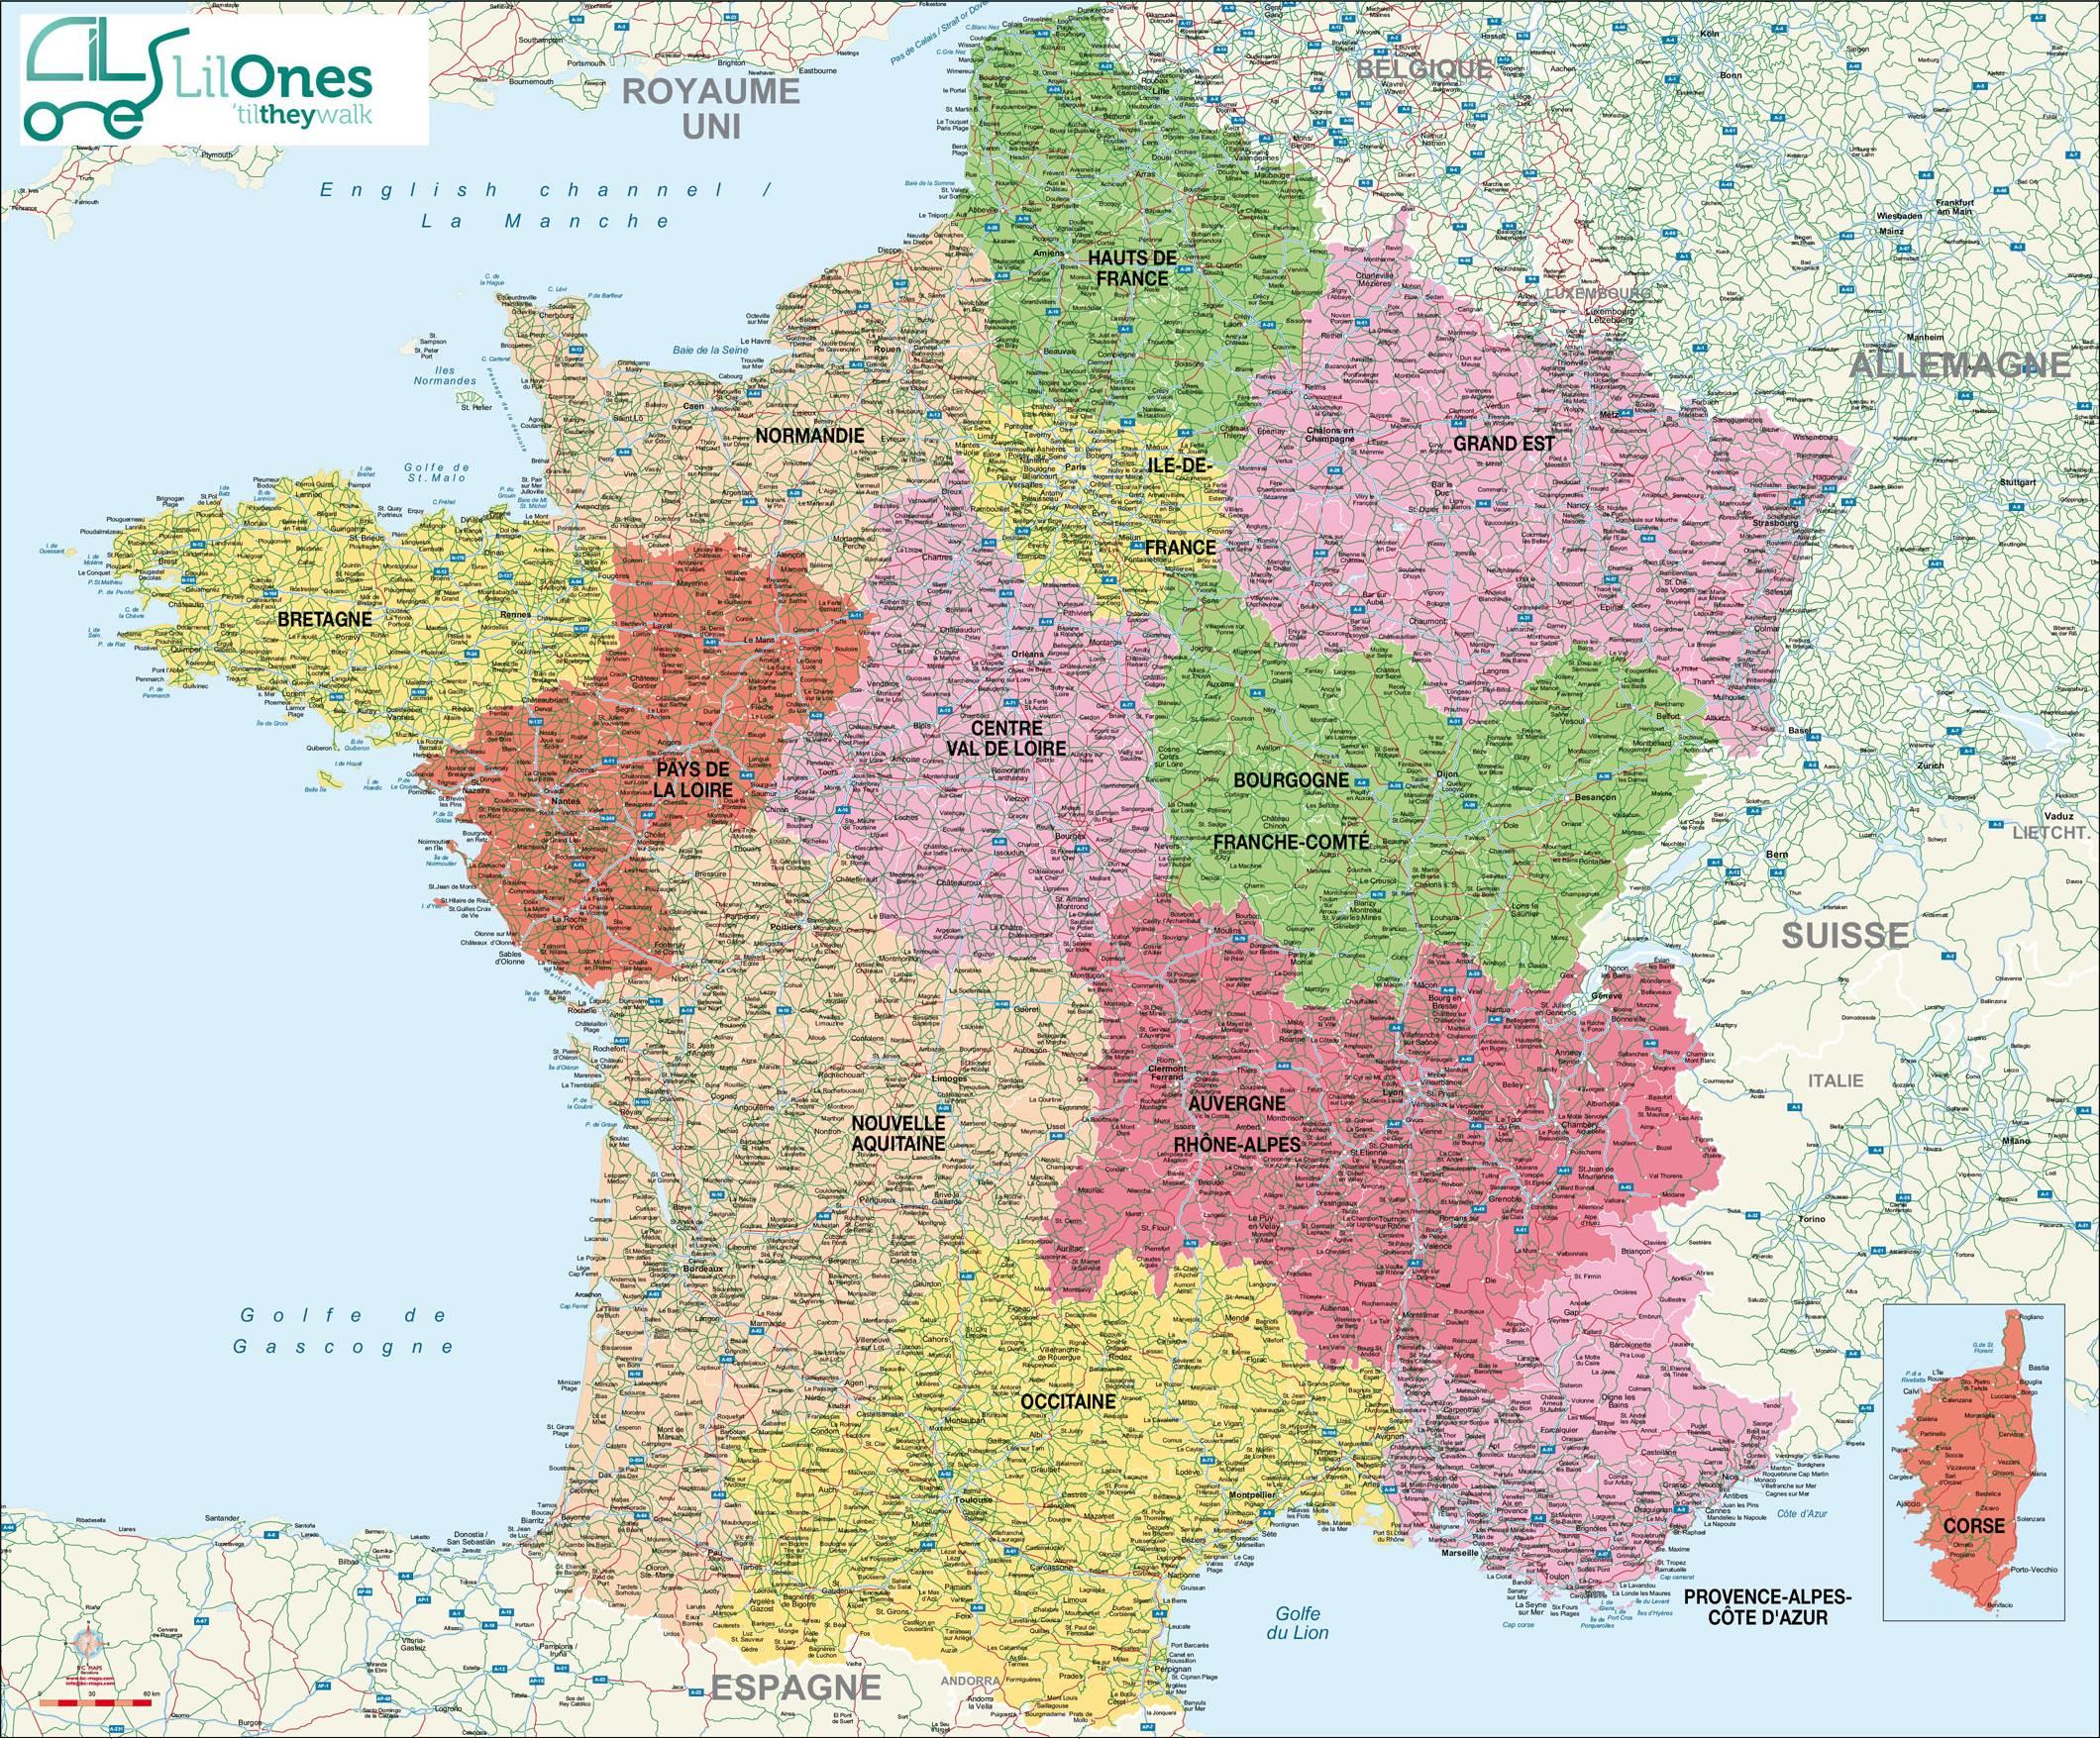 Cartes De France : Cartes Des Régions, Départements Et tout Carte De France Avec Département